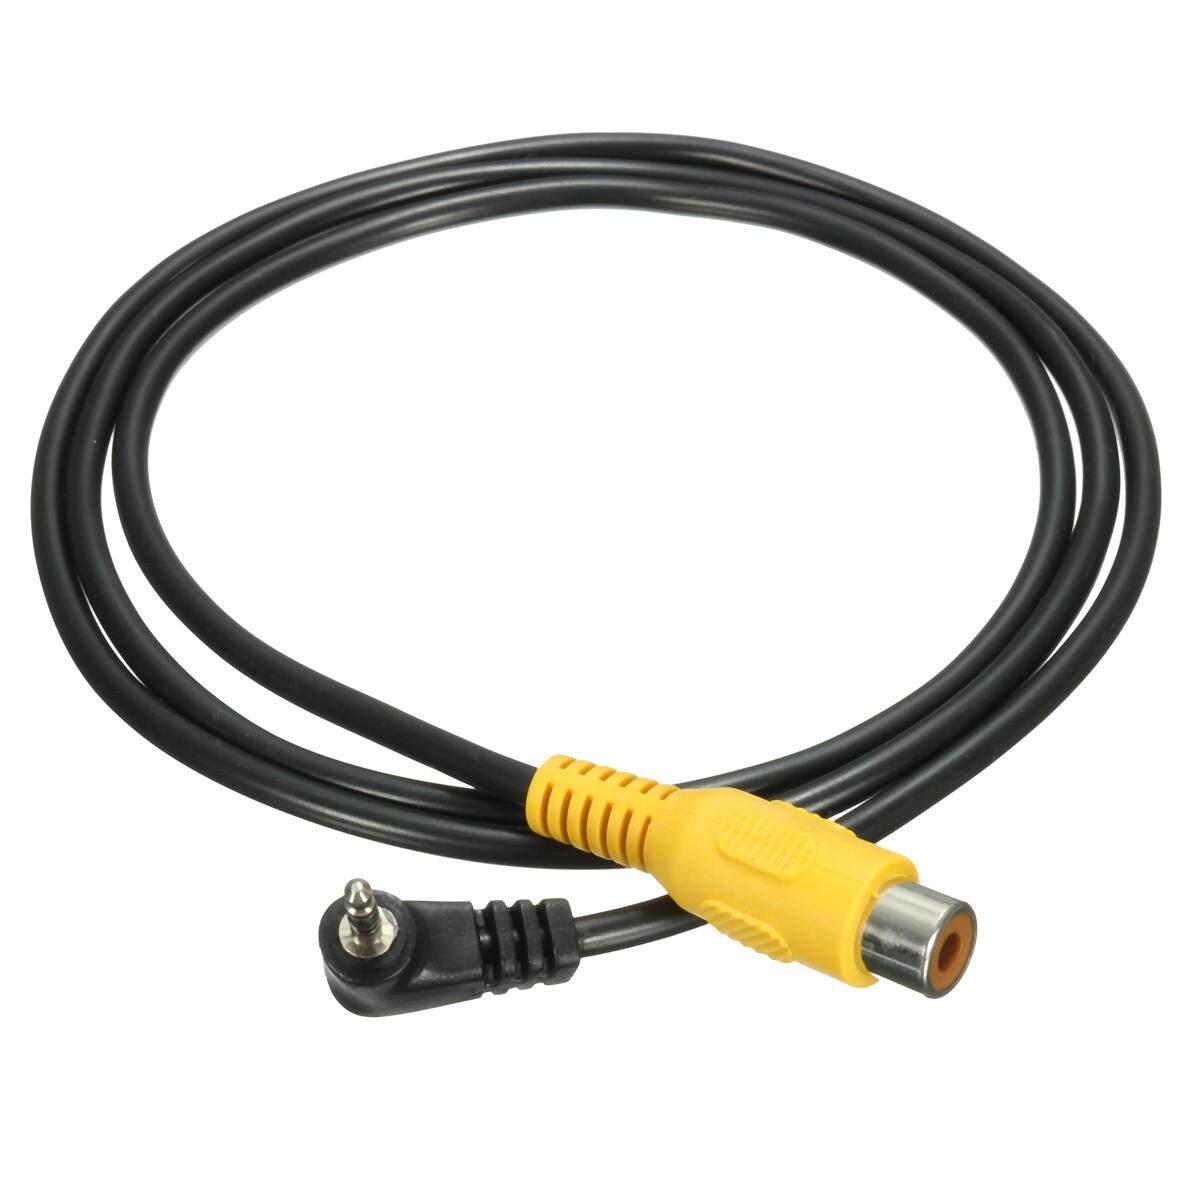 LEORY 2.5 MM Stereo Nam Cắm RCA Adapter Cáp Cho GPS AV-Trong Bộ Chuyển Đổi Đen Video